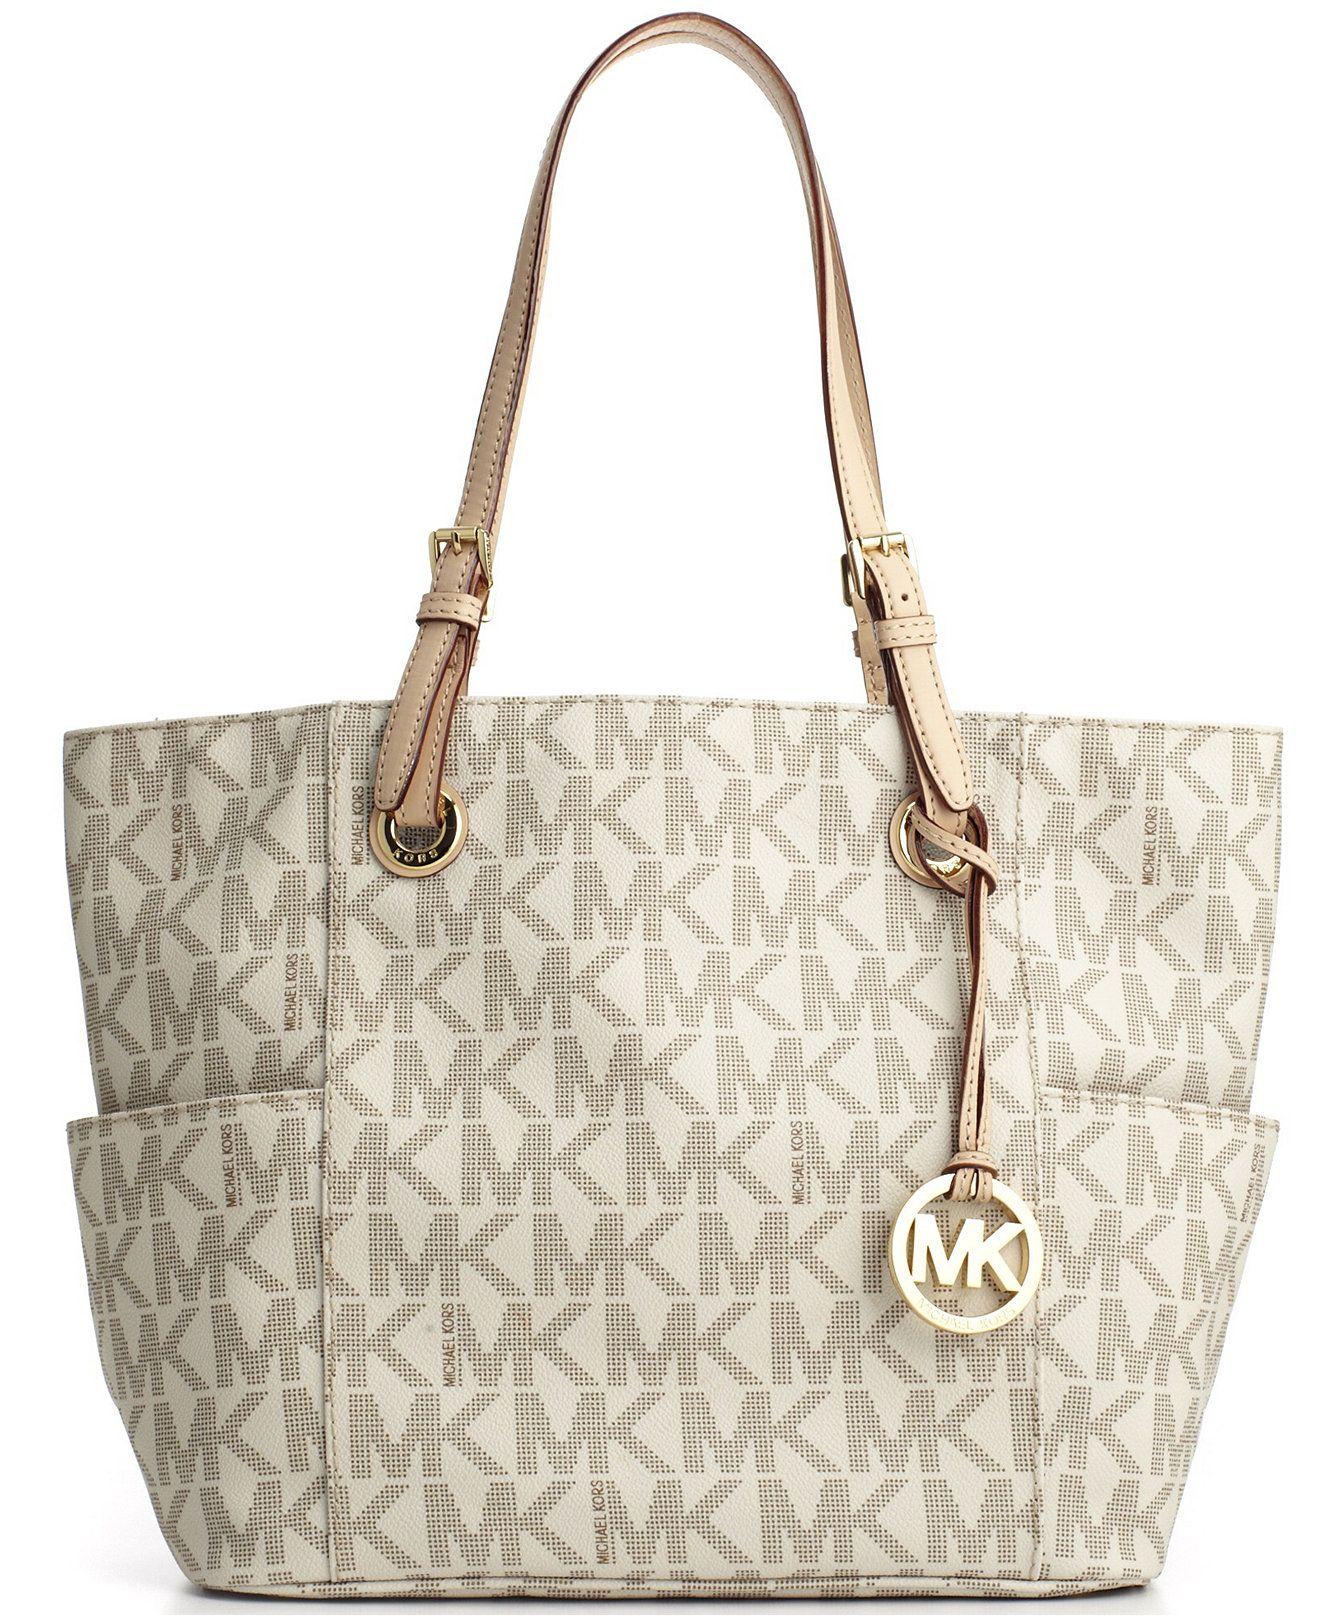 b3596df1c7d MICHAEL Michael Kors Signature Tote - Handbags & Accessories ...